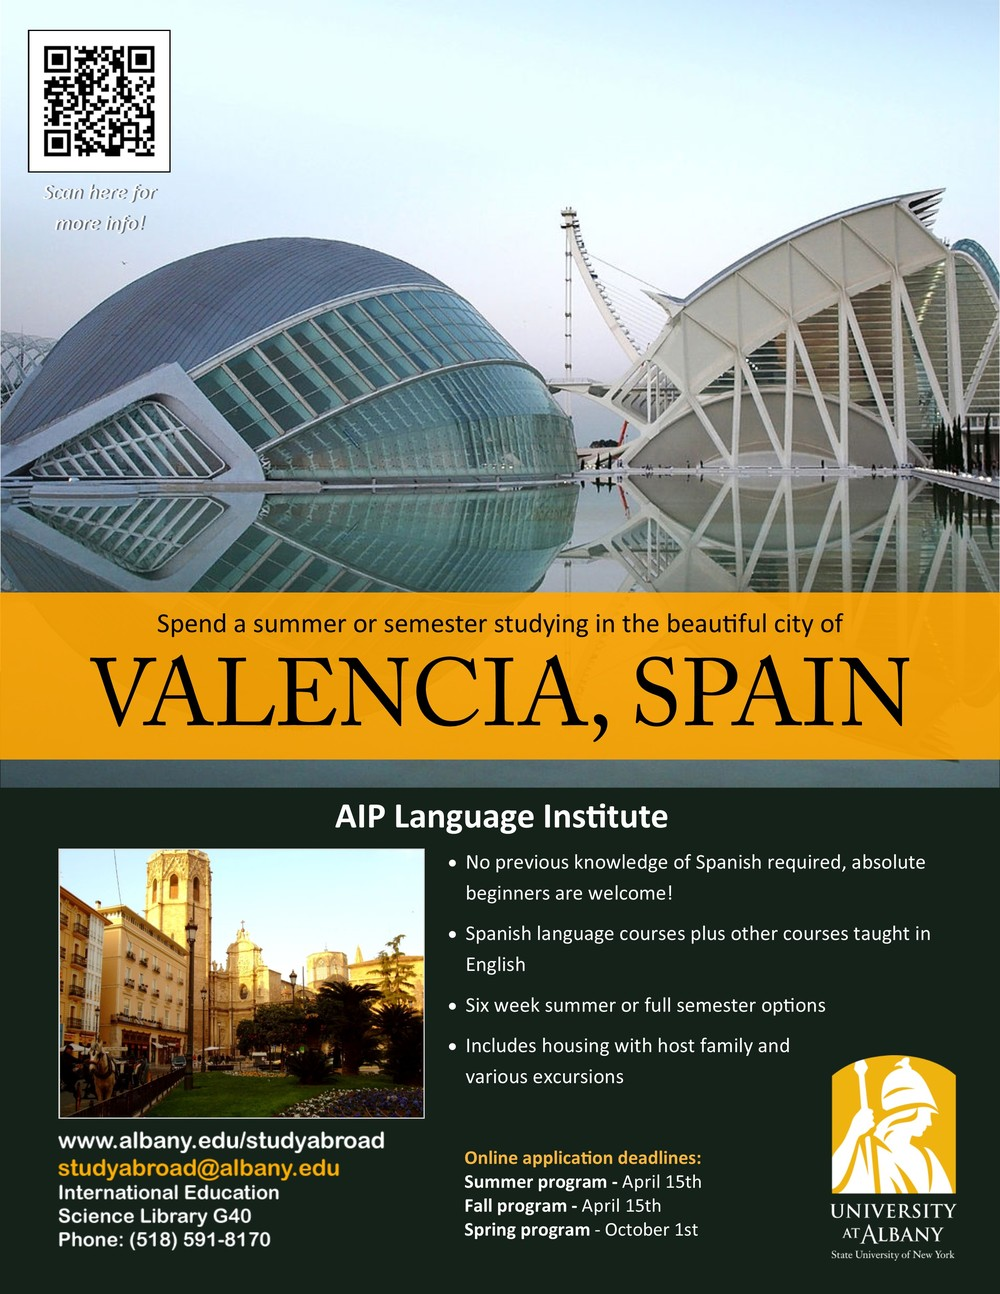 Spain_AIP.jpg